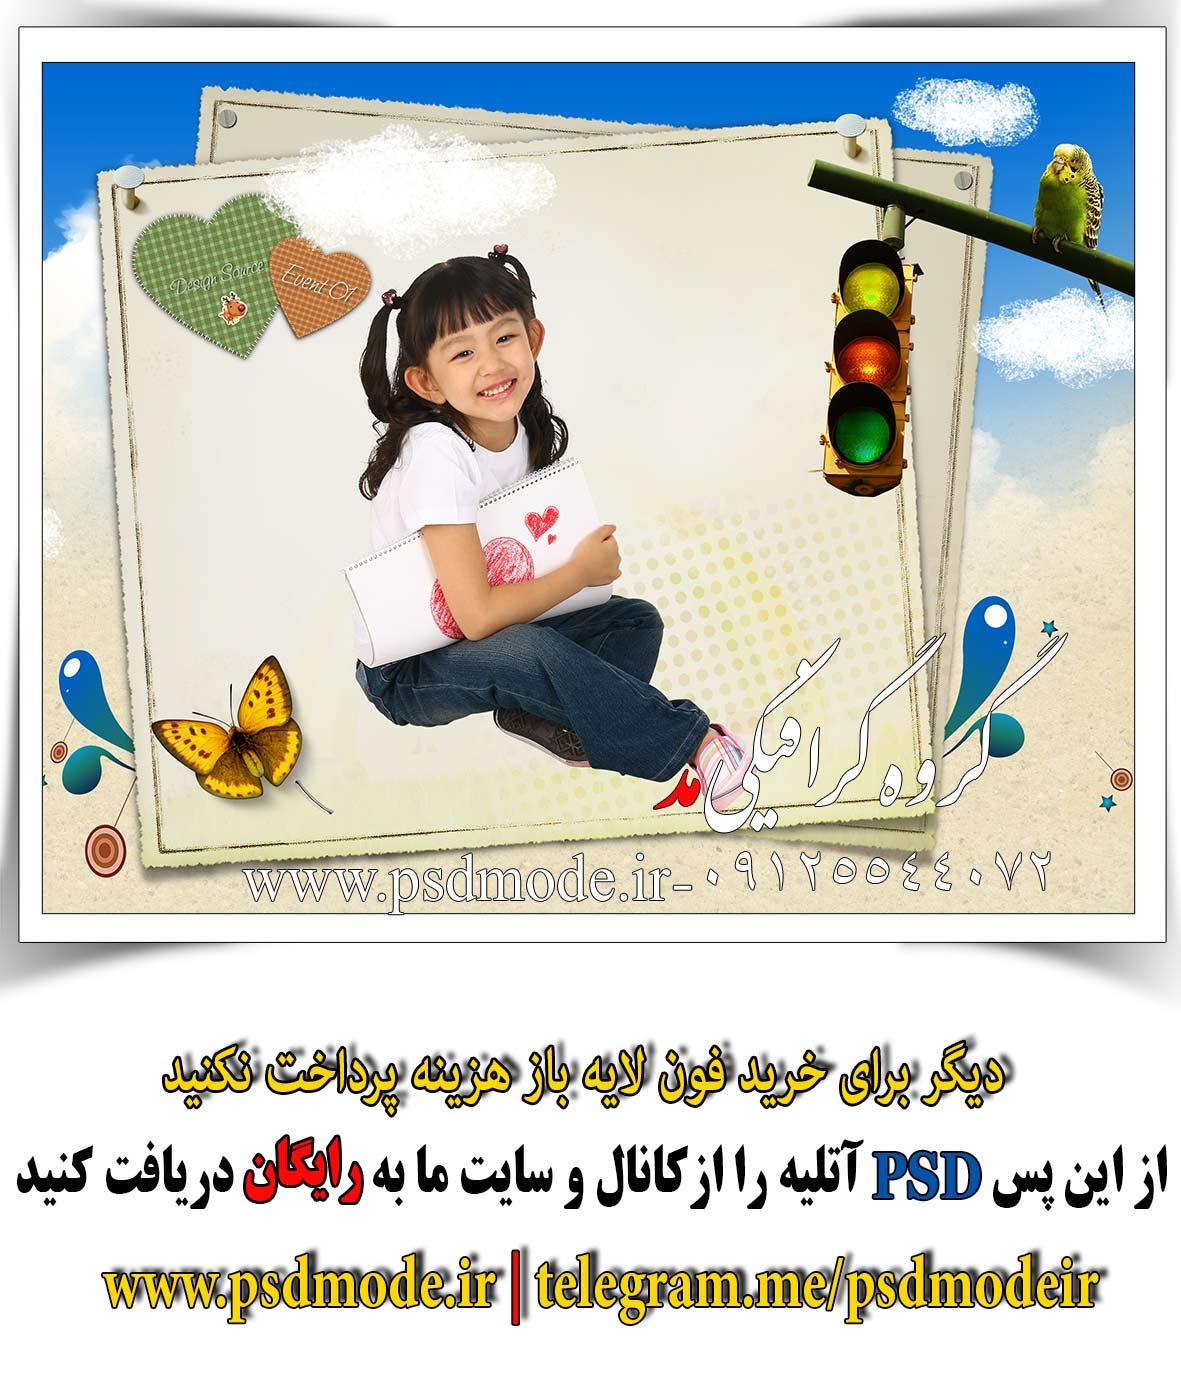 فون آتلیه کودک رایگان